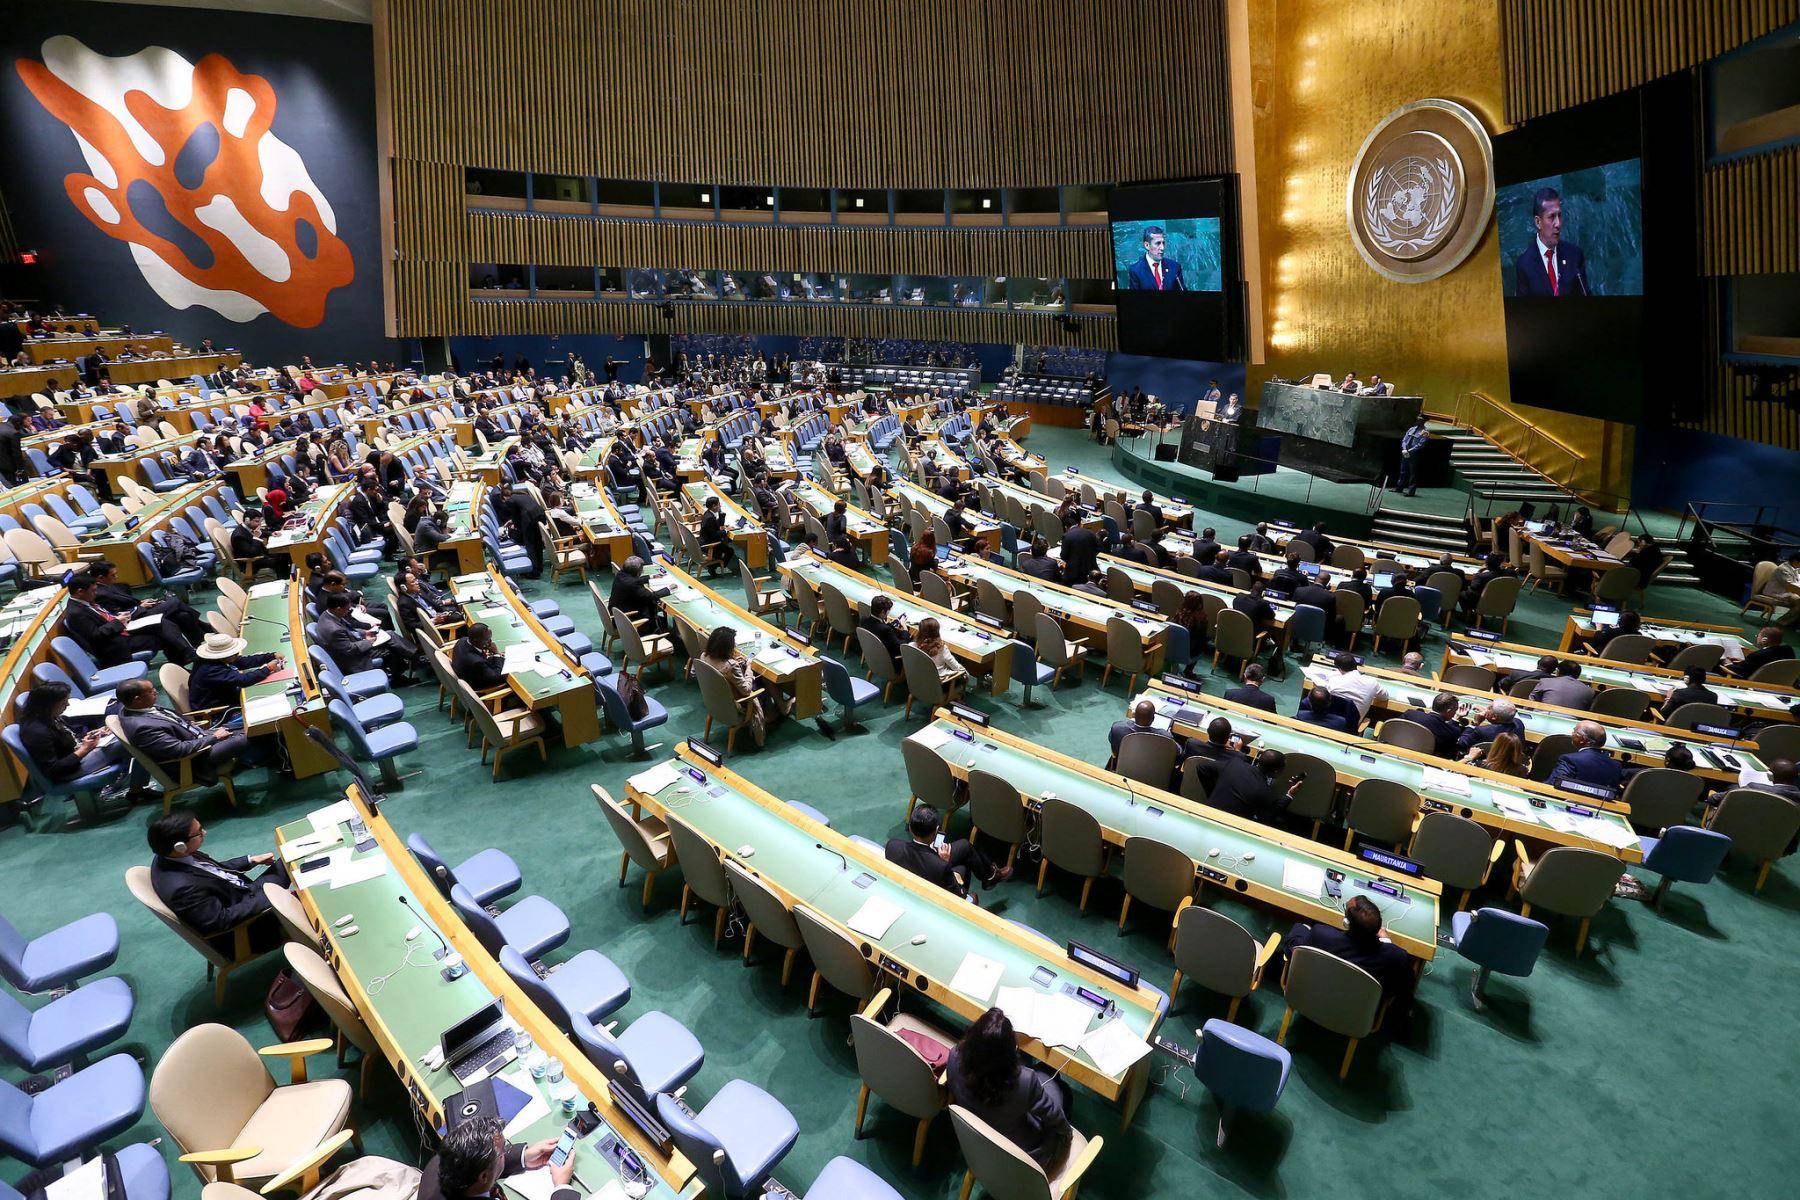 NUEVA YORK, SETIEMBRE 25.Intervención del Presidente de la República, Ollanta Humala Tasso, en la 69 Asamblea General de las Naciones Unidas.Foto:ANDINA/Prensa Presidencia